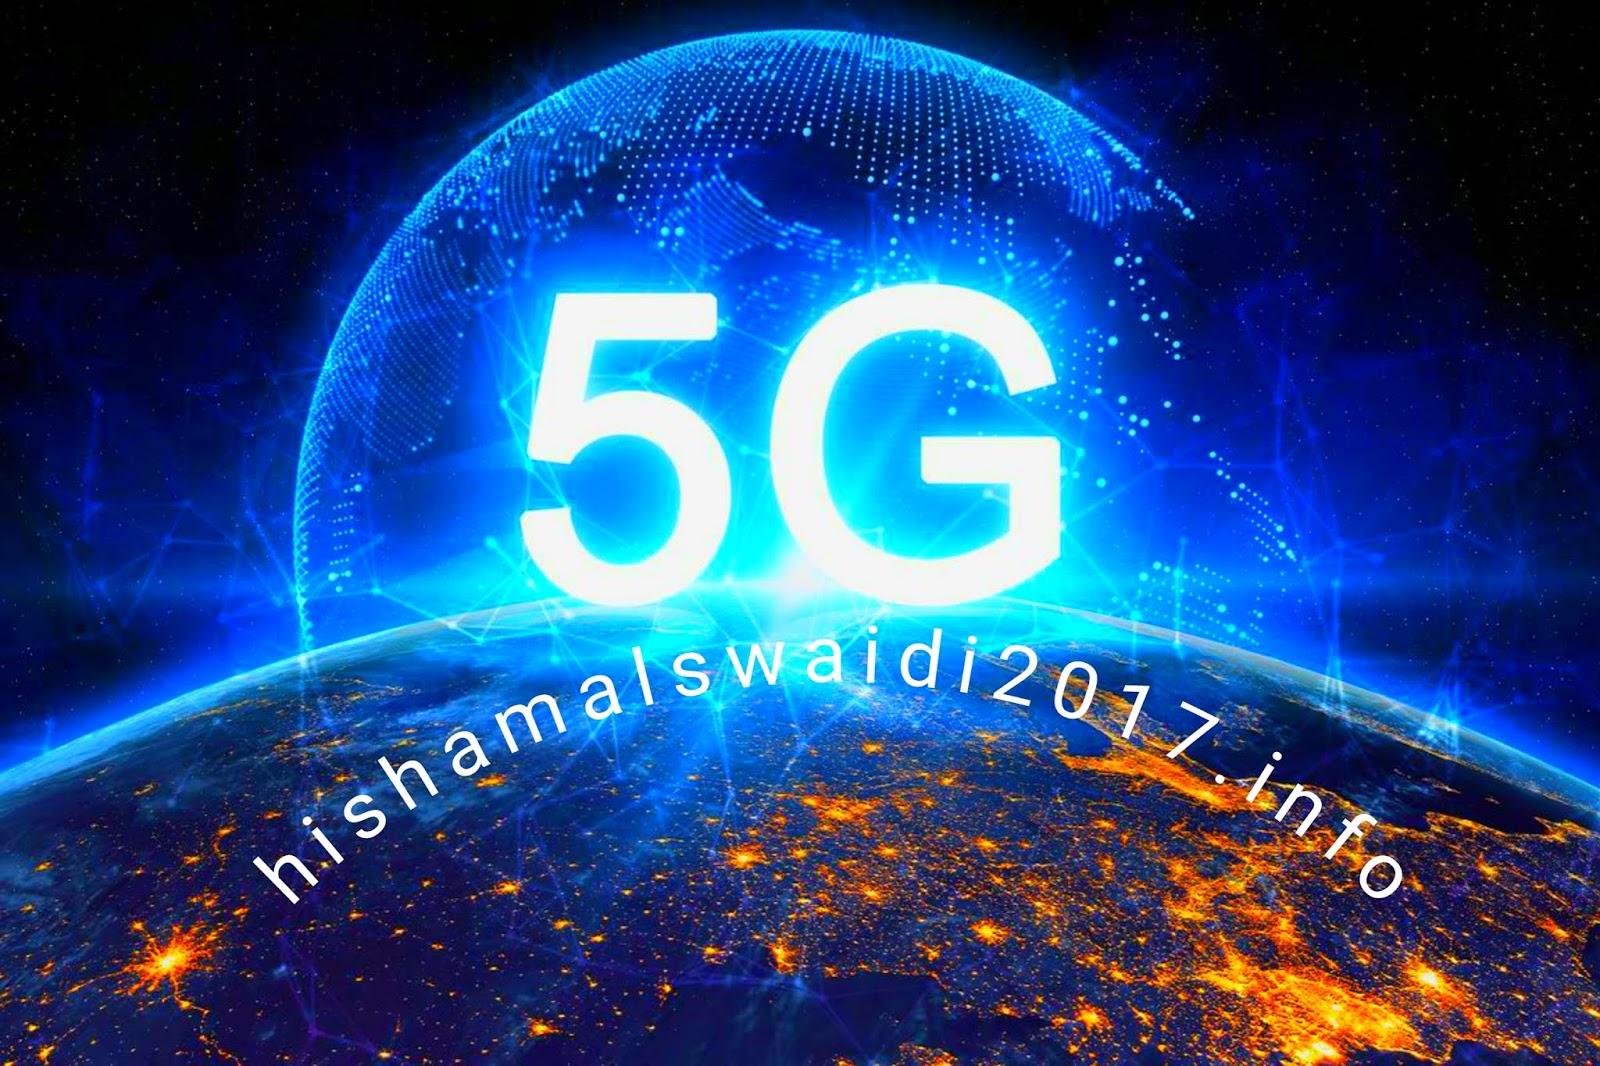 تعرف على افضل الدول نجاحا في العالم  بتقنية الجيل الخامس5G...دولة عربية هي الثالثة عالميا